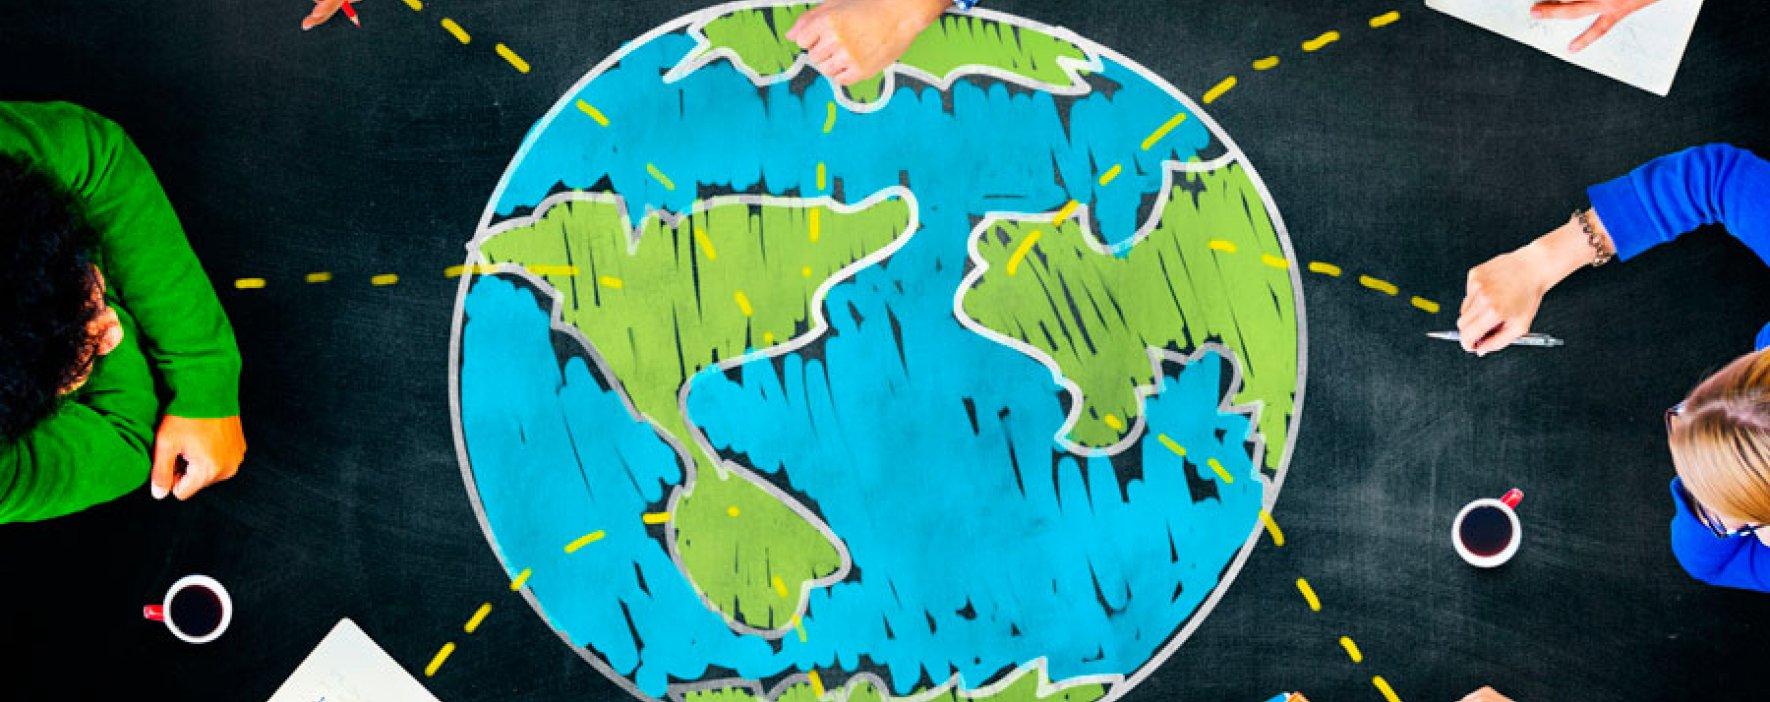 Las Fundaciones trabajan en el noveno Objetivo de Desarrollo Sostenible